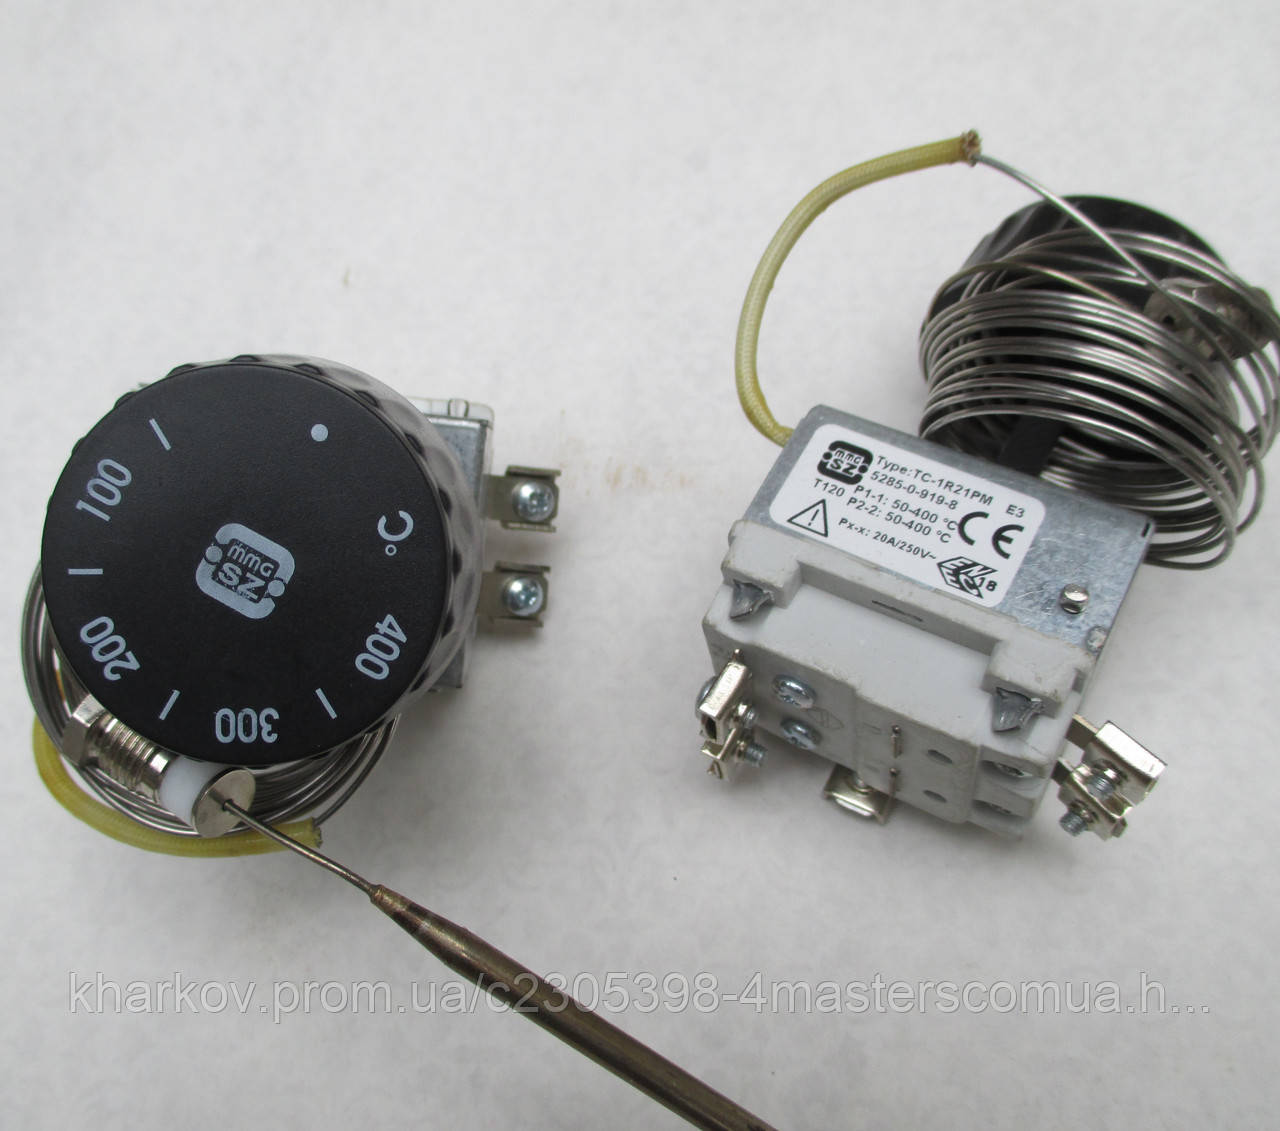 Термостат до 300 *С двухполюсный (аналог т32м)